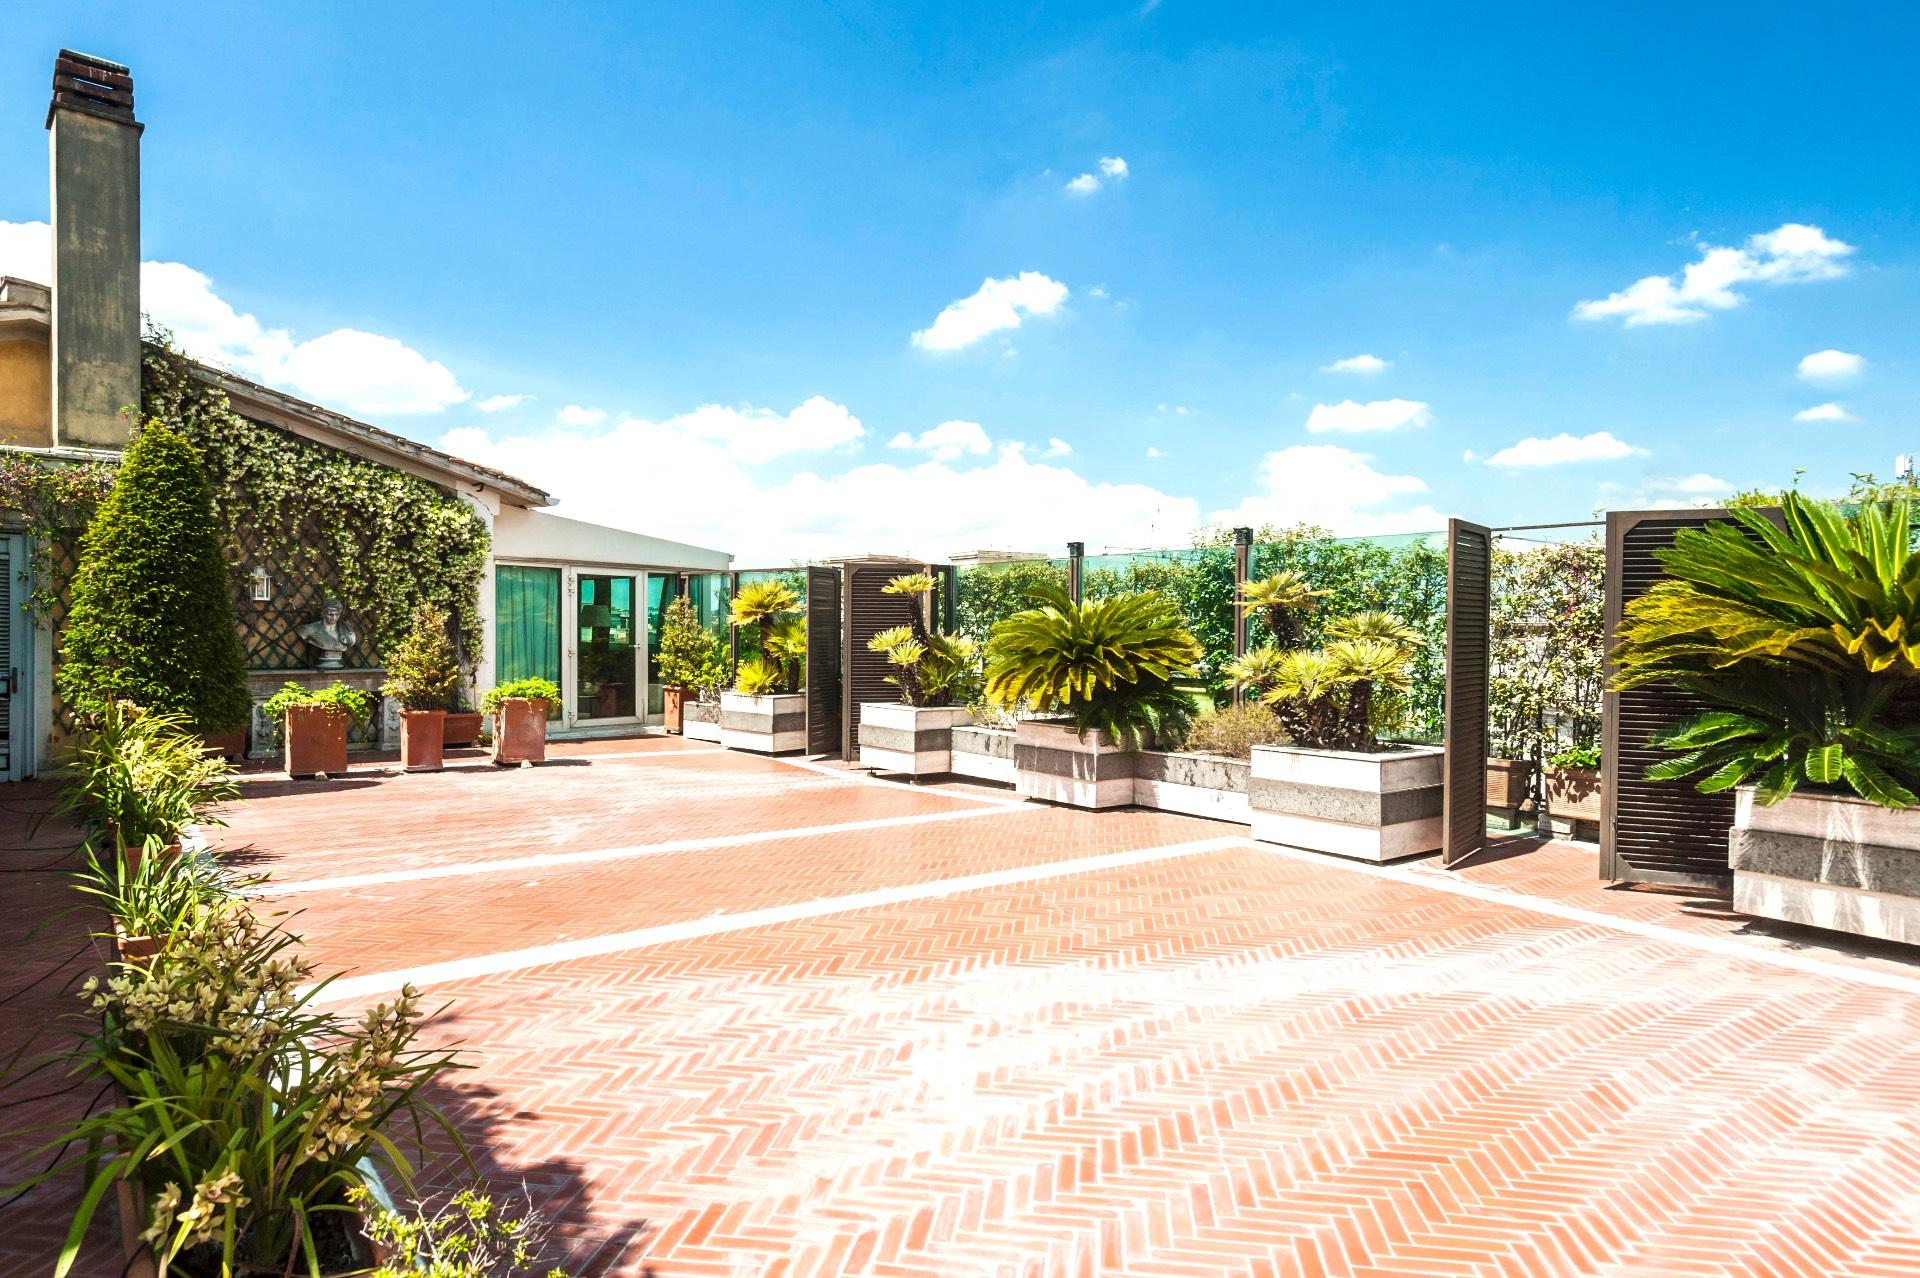 Cbi038 551 6851 attico in vendita a roma centro for Vendita appartamenti centro storico roma